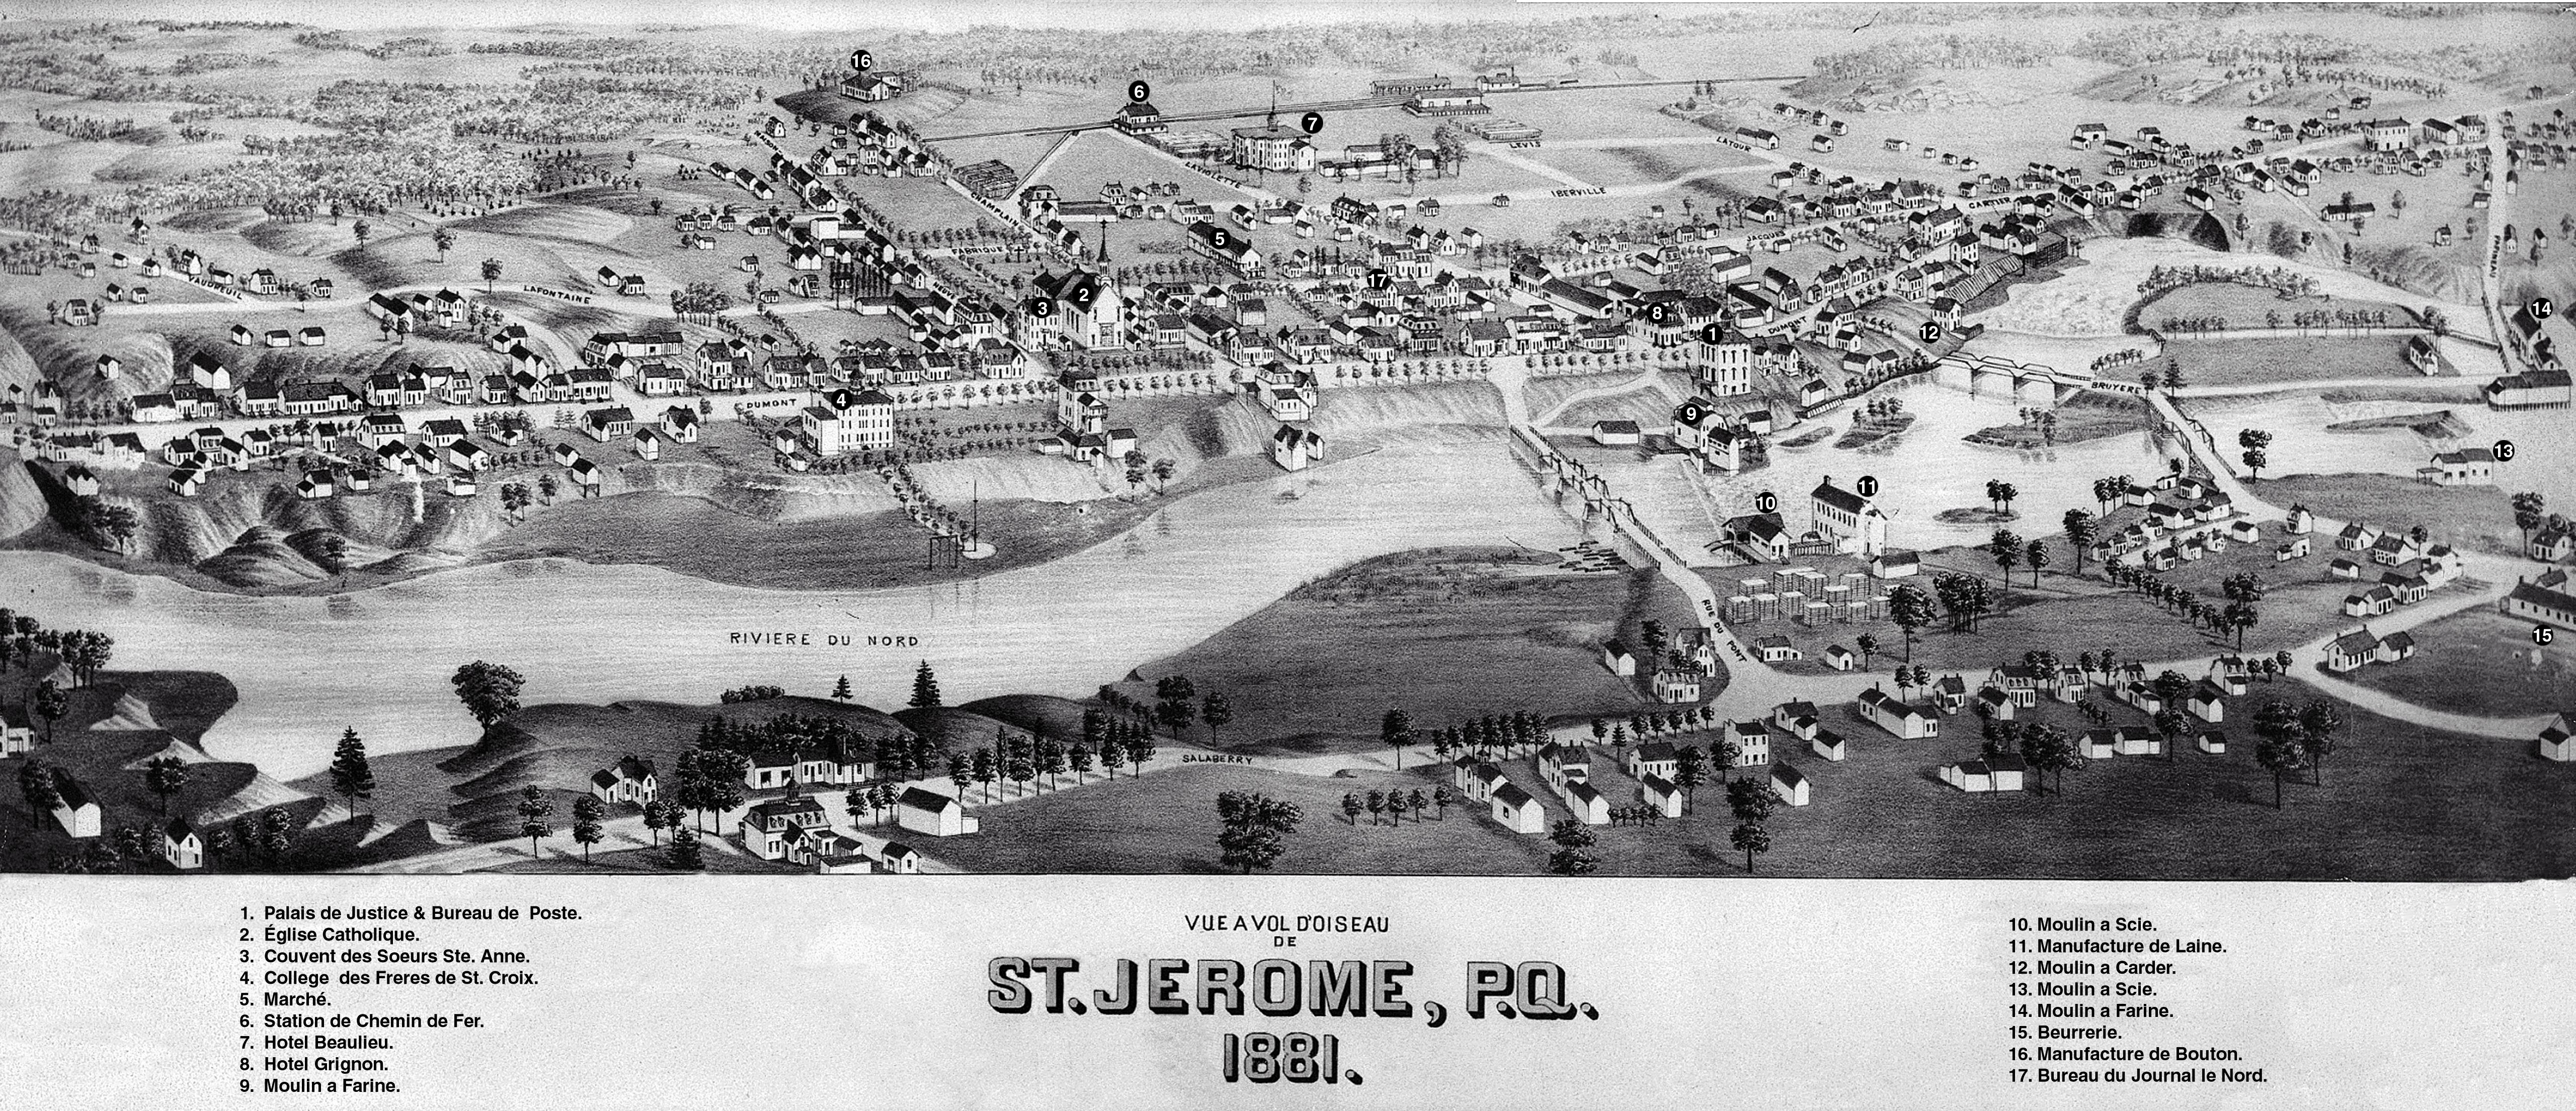 Carte illustrant une vue par le haut d'une petite ville en 1881. L'image en noir et blanc est dessinée à la main. On aperçoit quelques rues sur les deux rives d'une rivière. On y voit une église, de nombreuses maisons, des entreprises et trois ponts. Dix-sept éléments sont numérotés et répertoriés au bas de l'image.